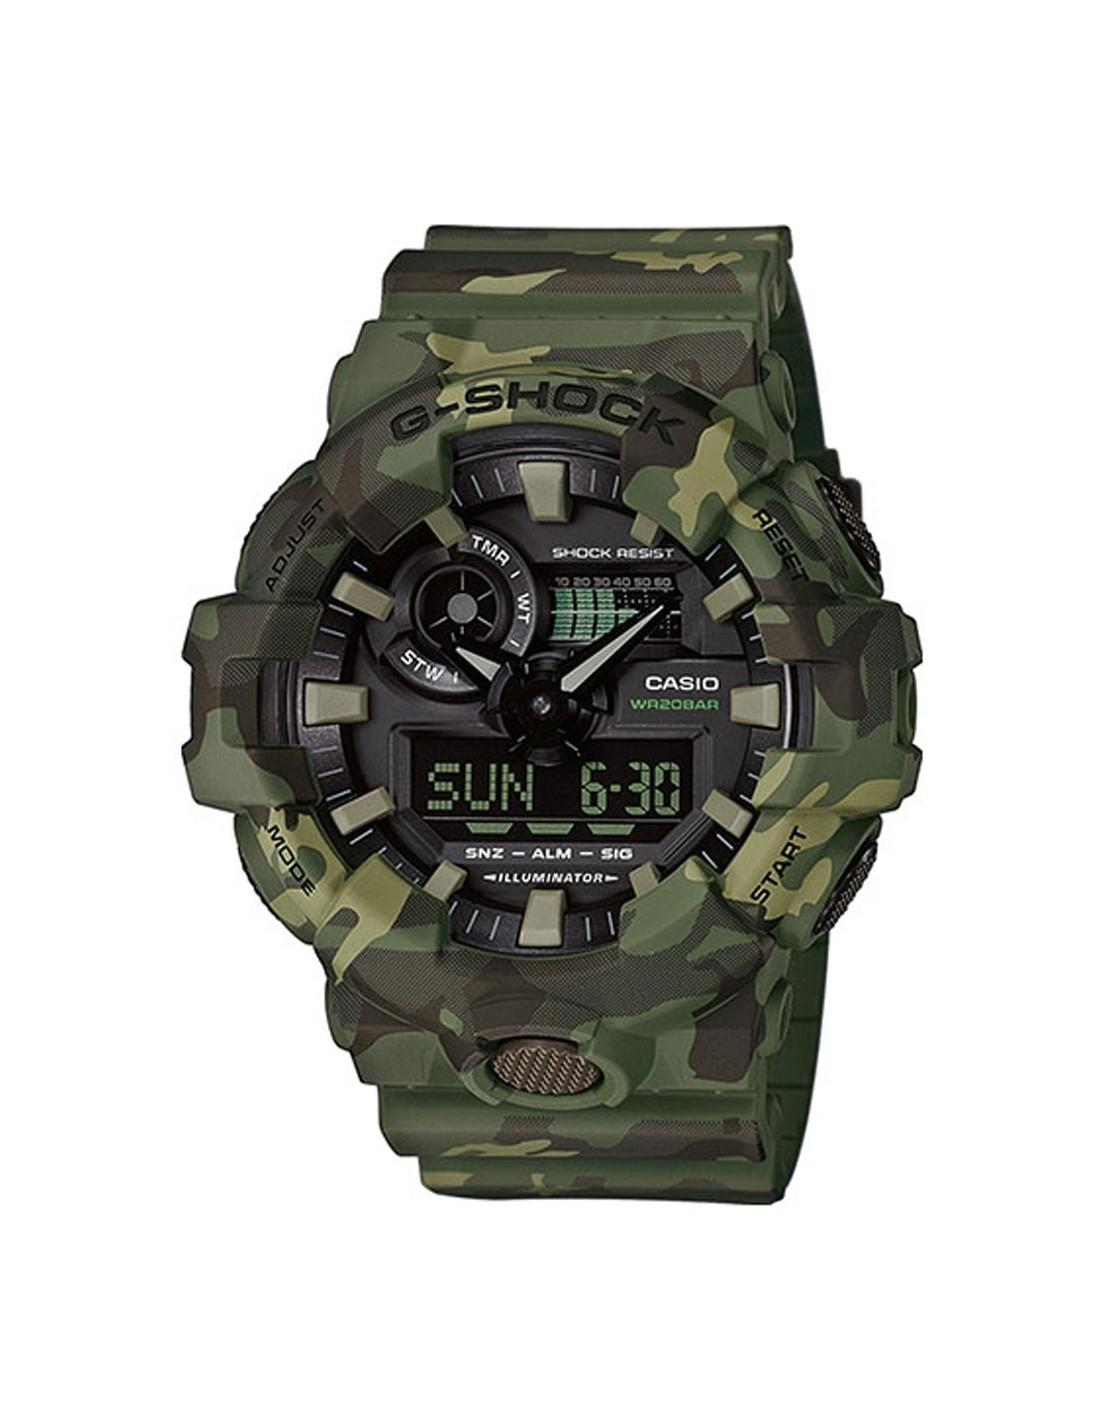 4978dd248bc5f GA 700CM 3AER Reloj Casio G SHOCK Military GA 700CM 3AER